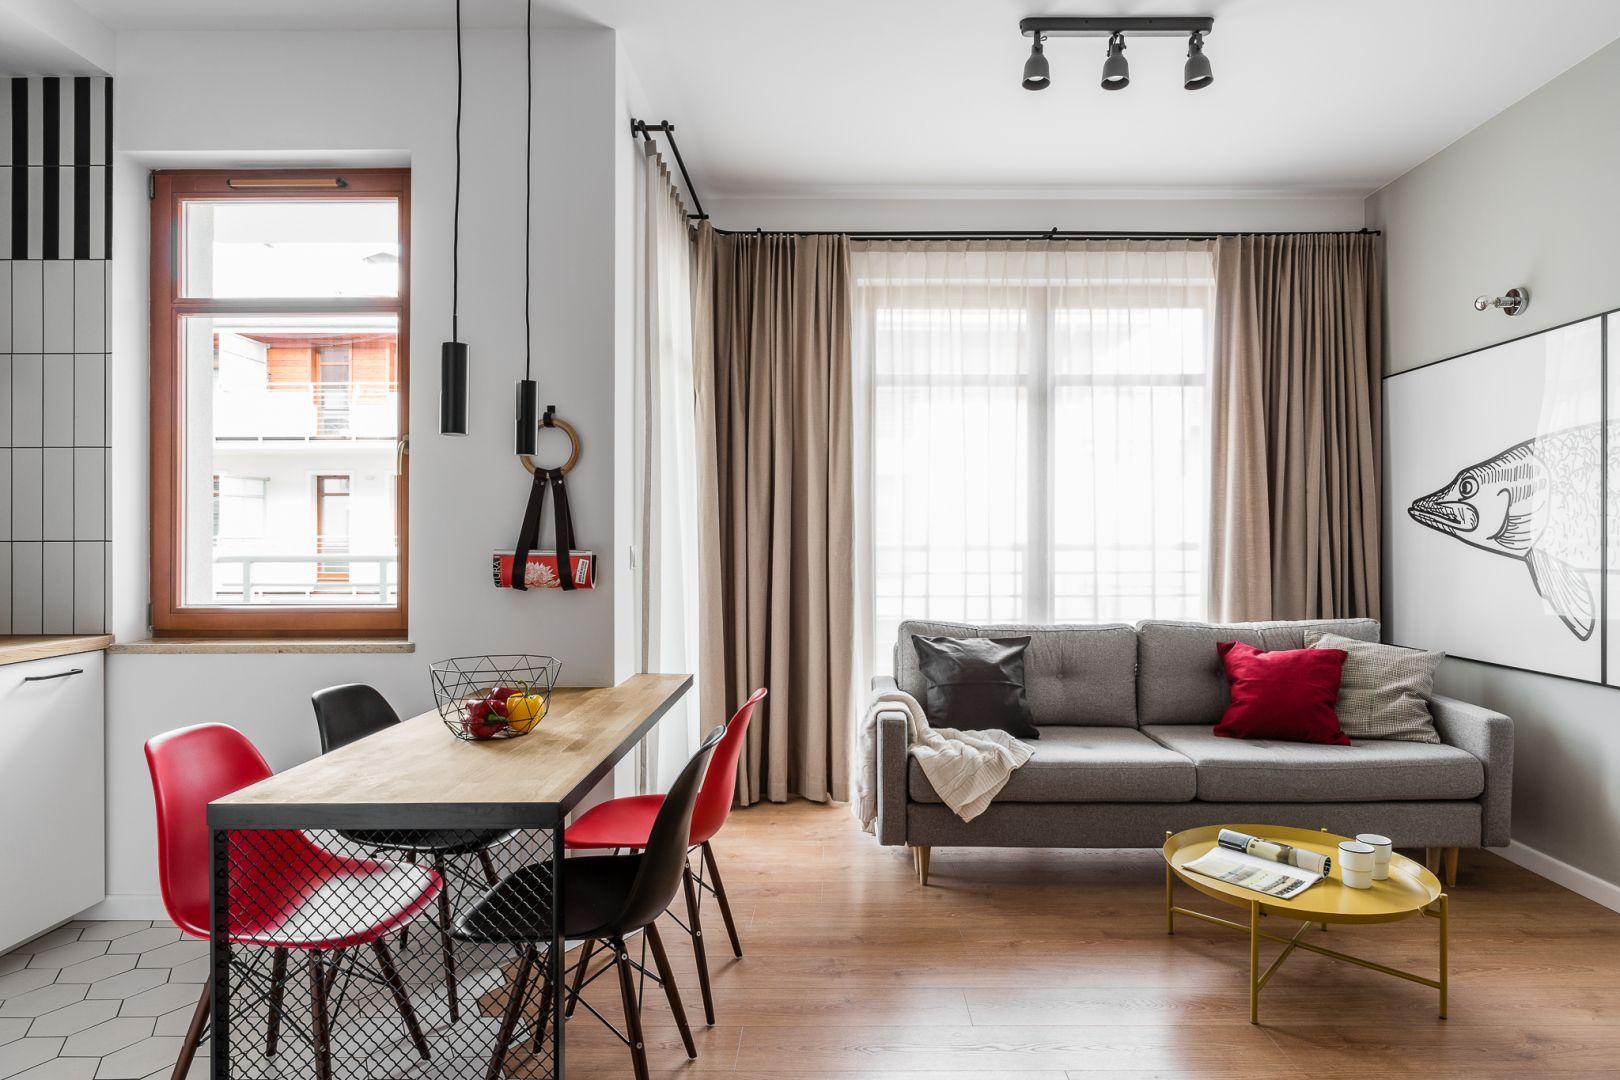 W małym salonie sofa na lekkich nóżkach optycznie powiększa przestrzeń. Projekt JT Group